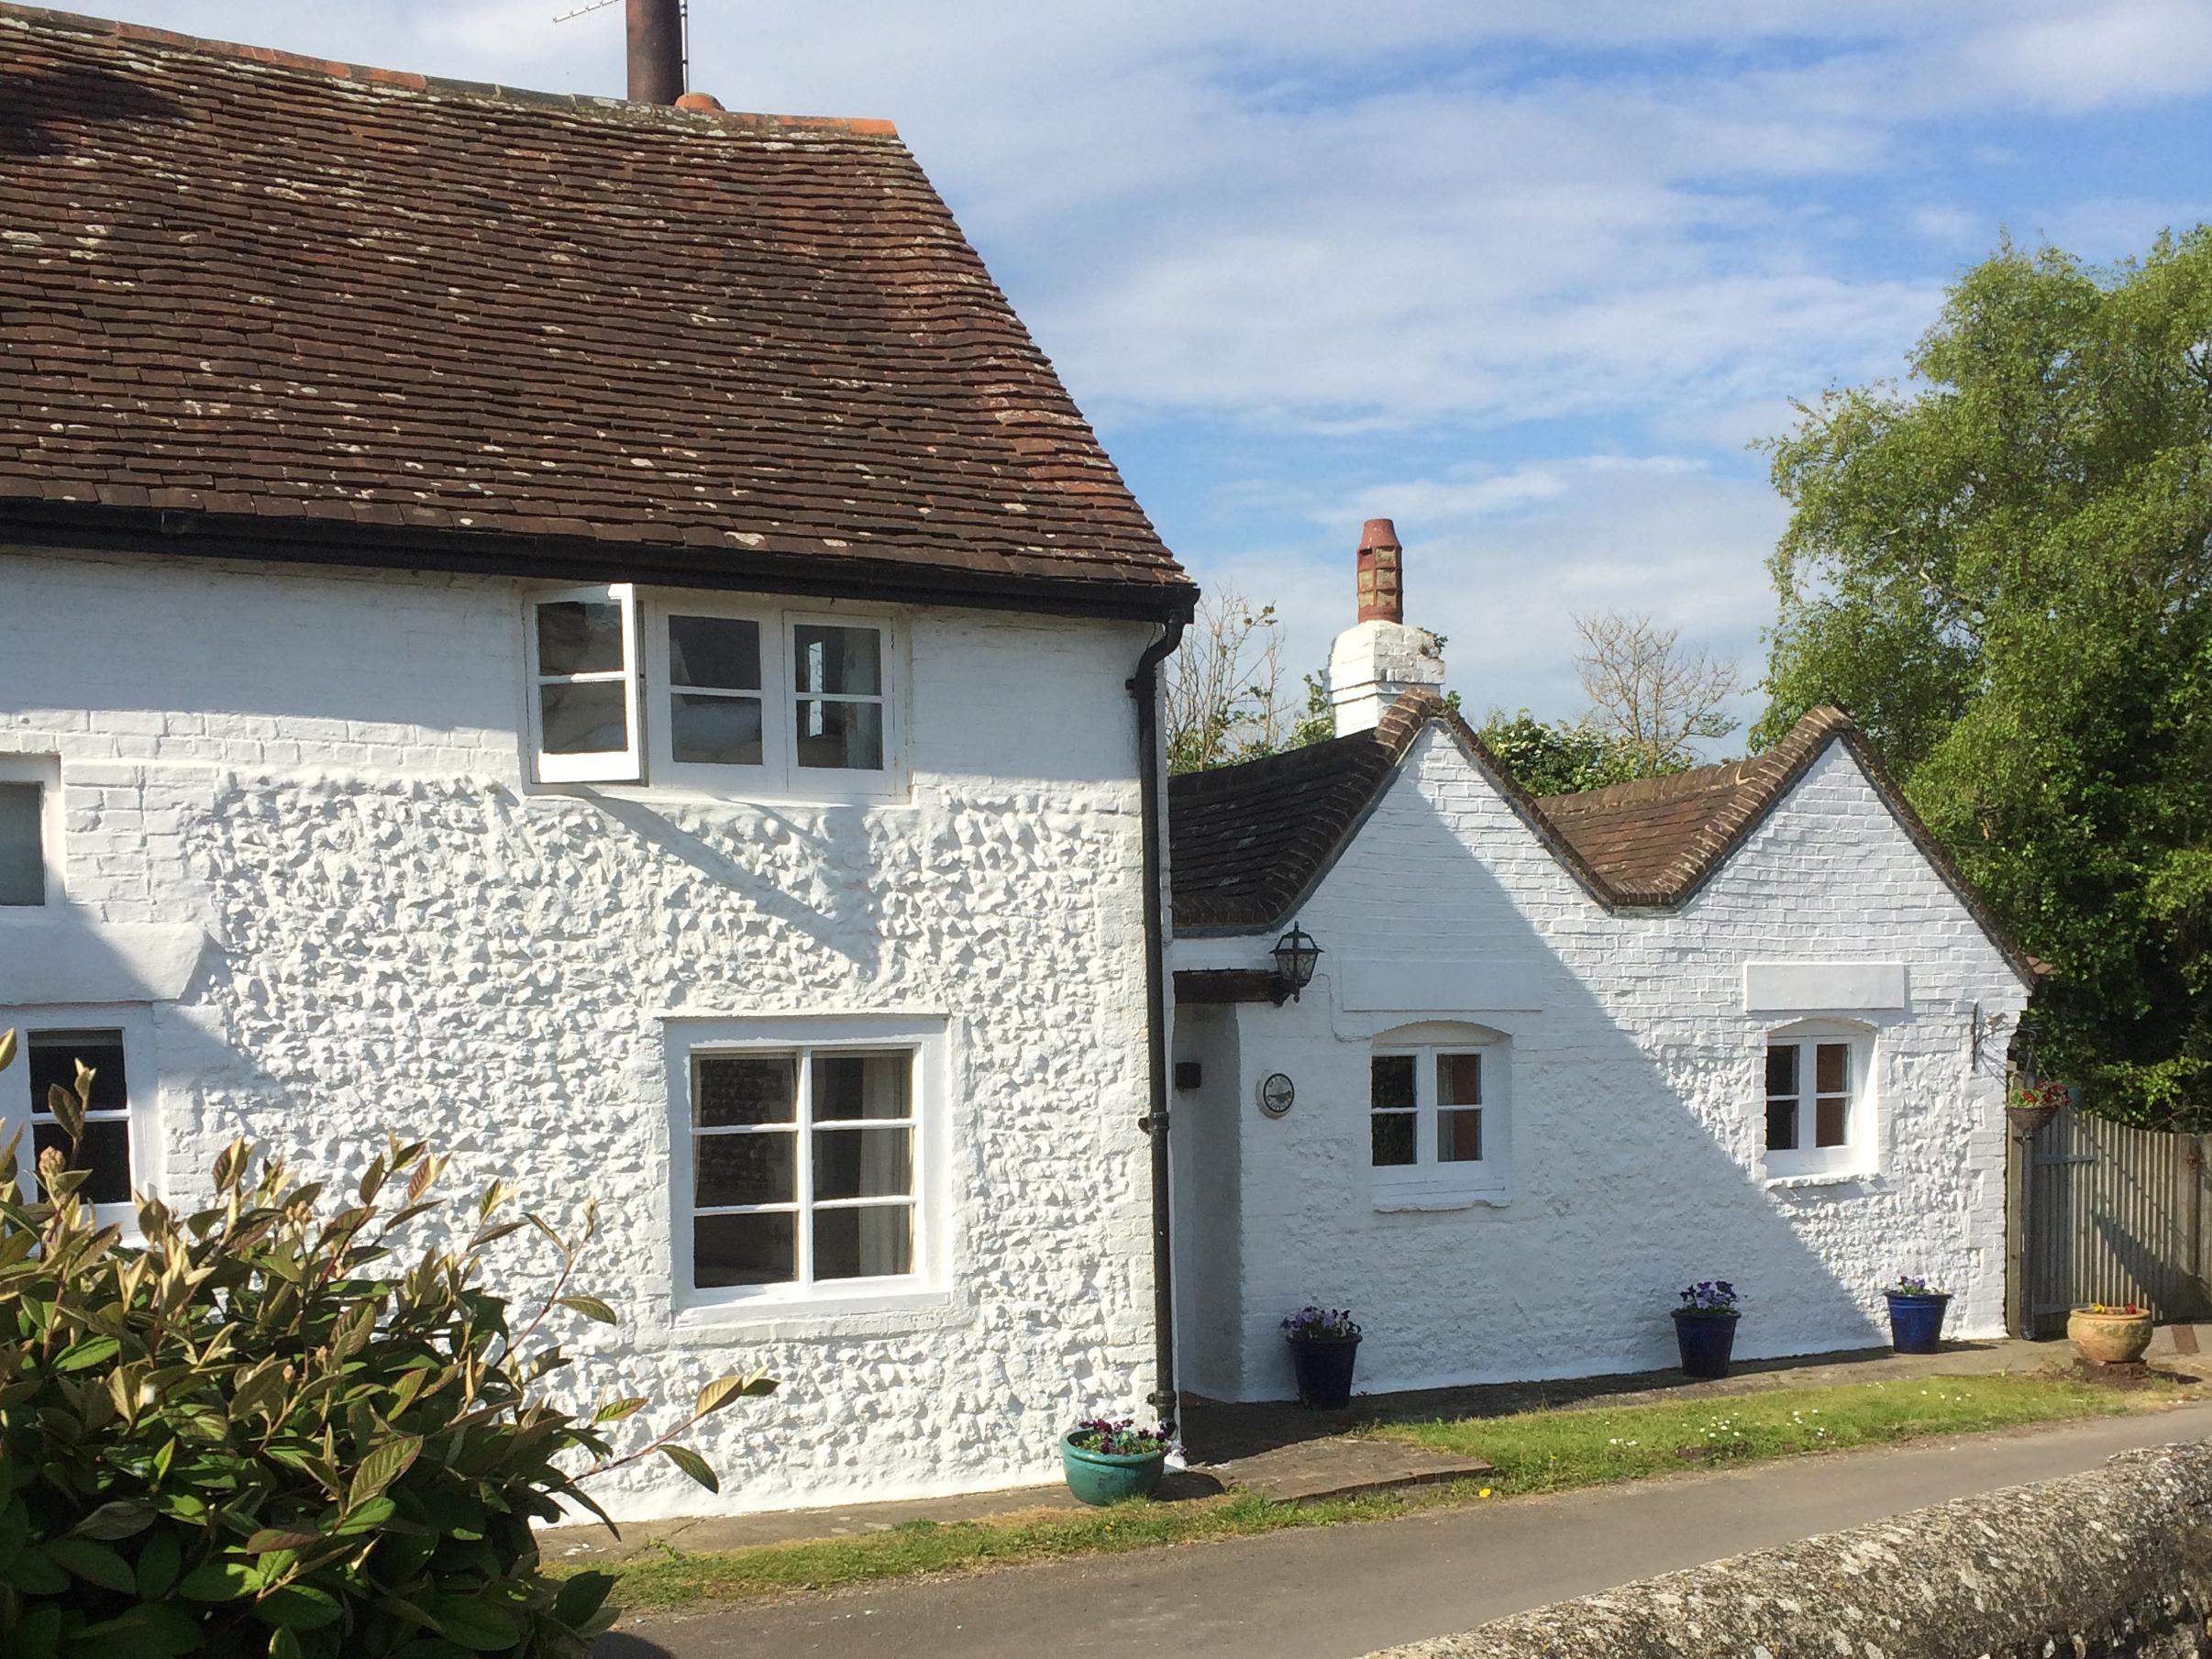 Blythe Cottage